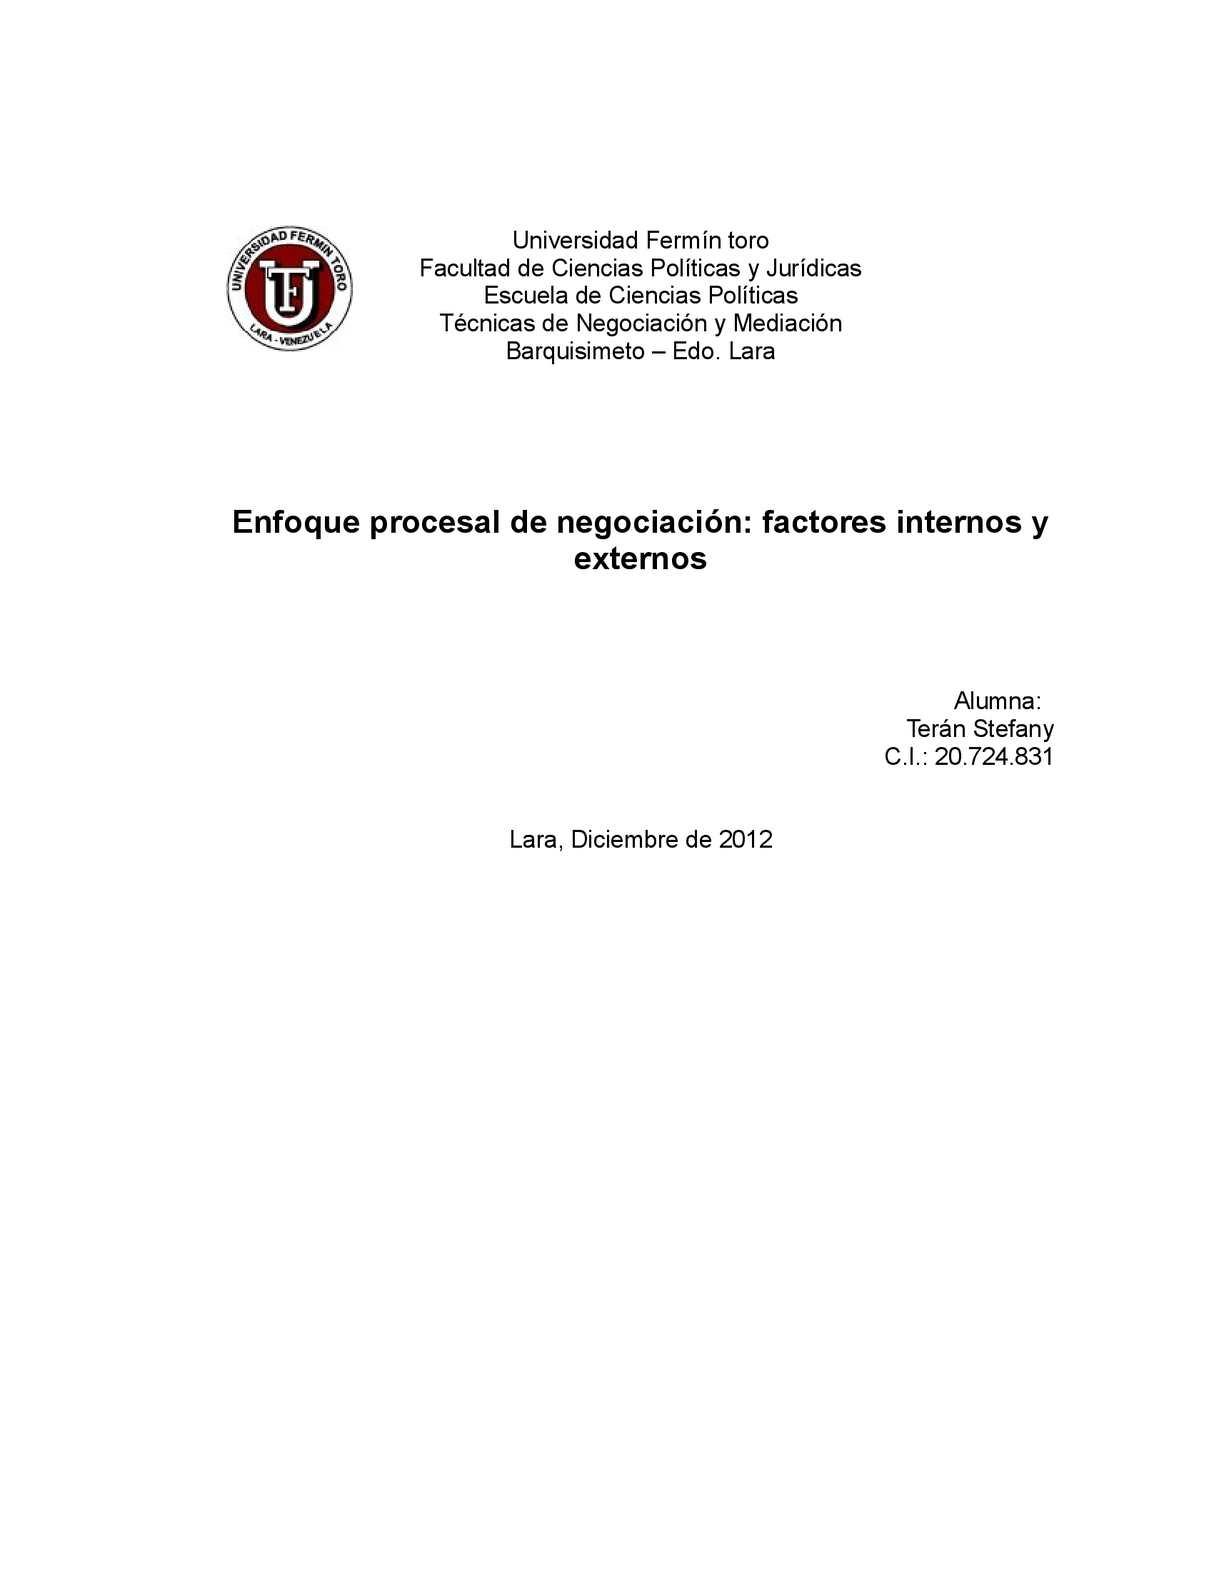 Enfoque procesal de negociación: factores internos y externos